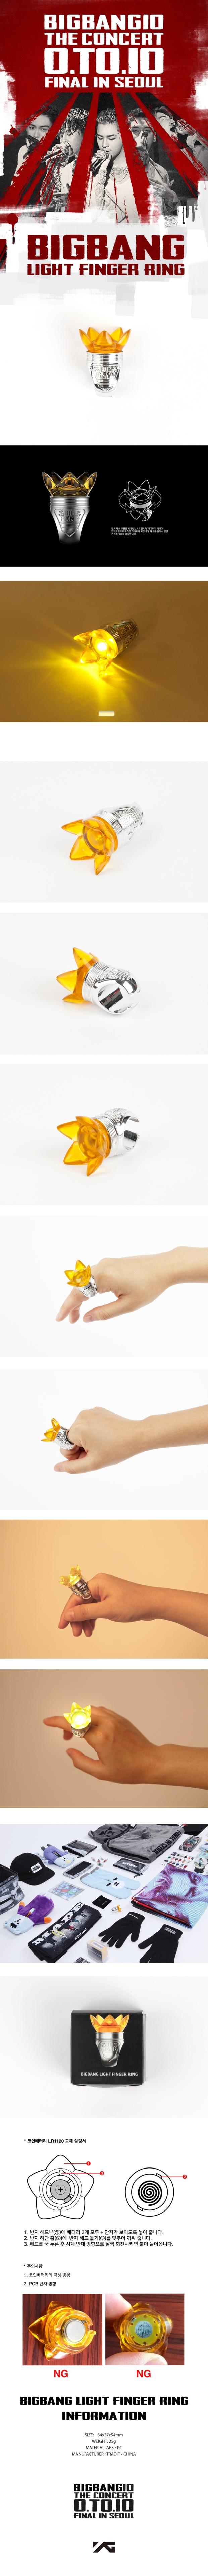 02_bigbangmade0to10web_light_finger_ring_01